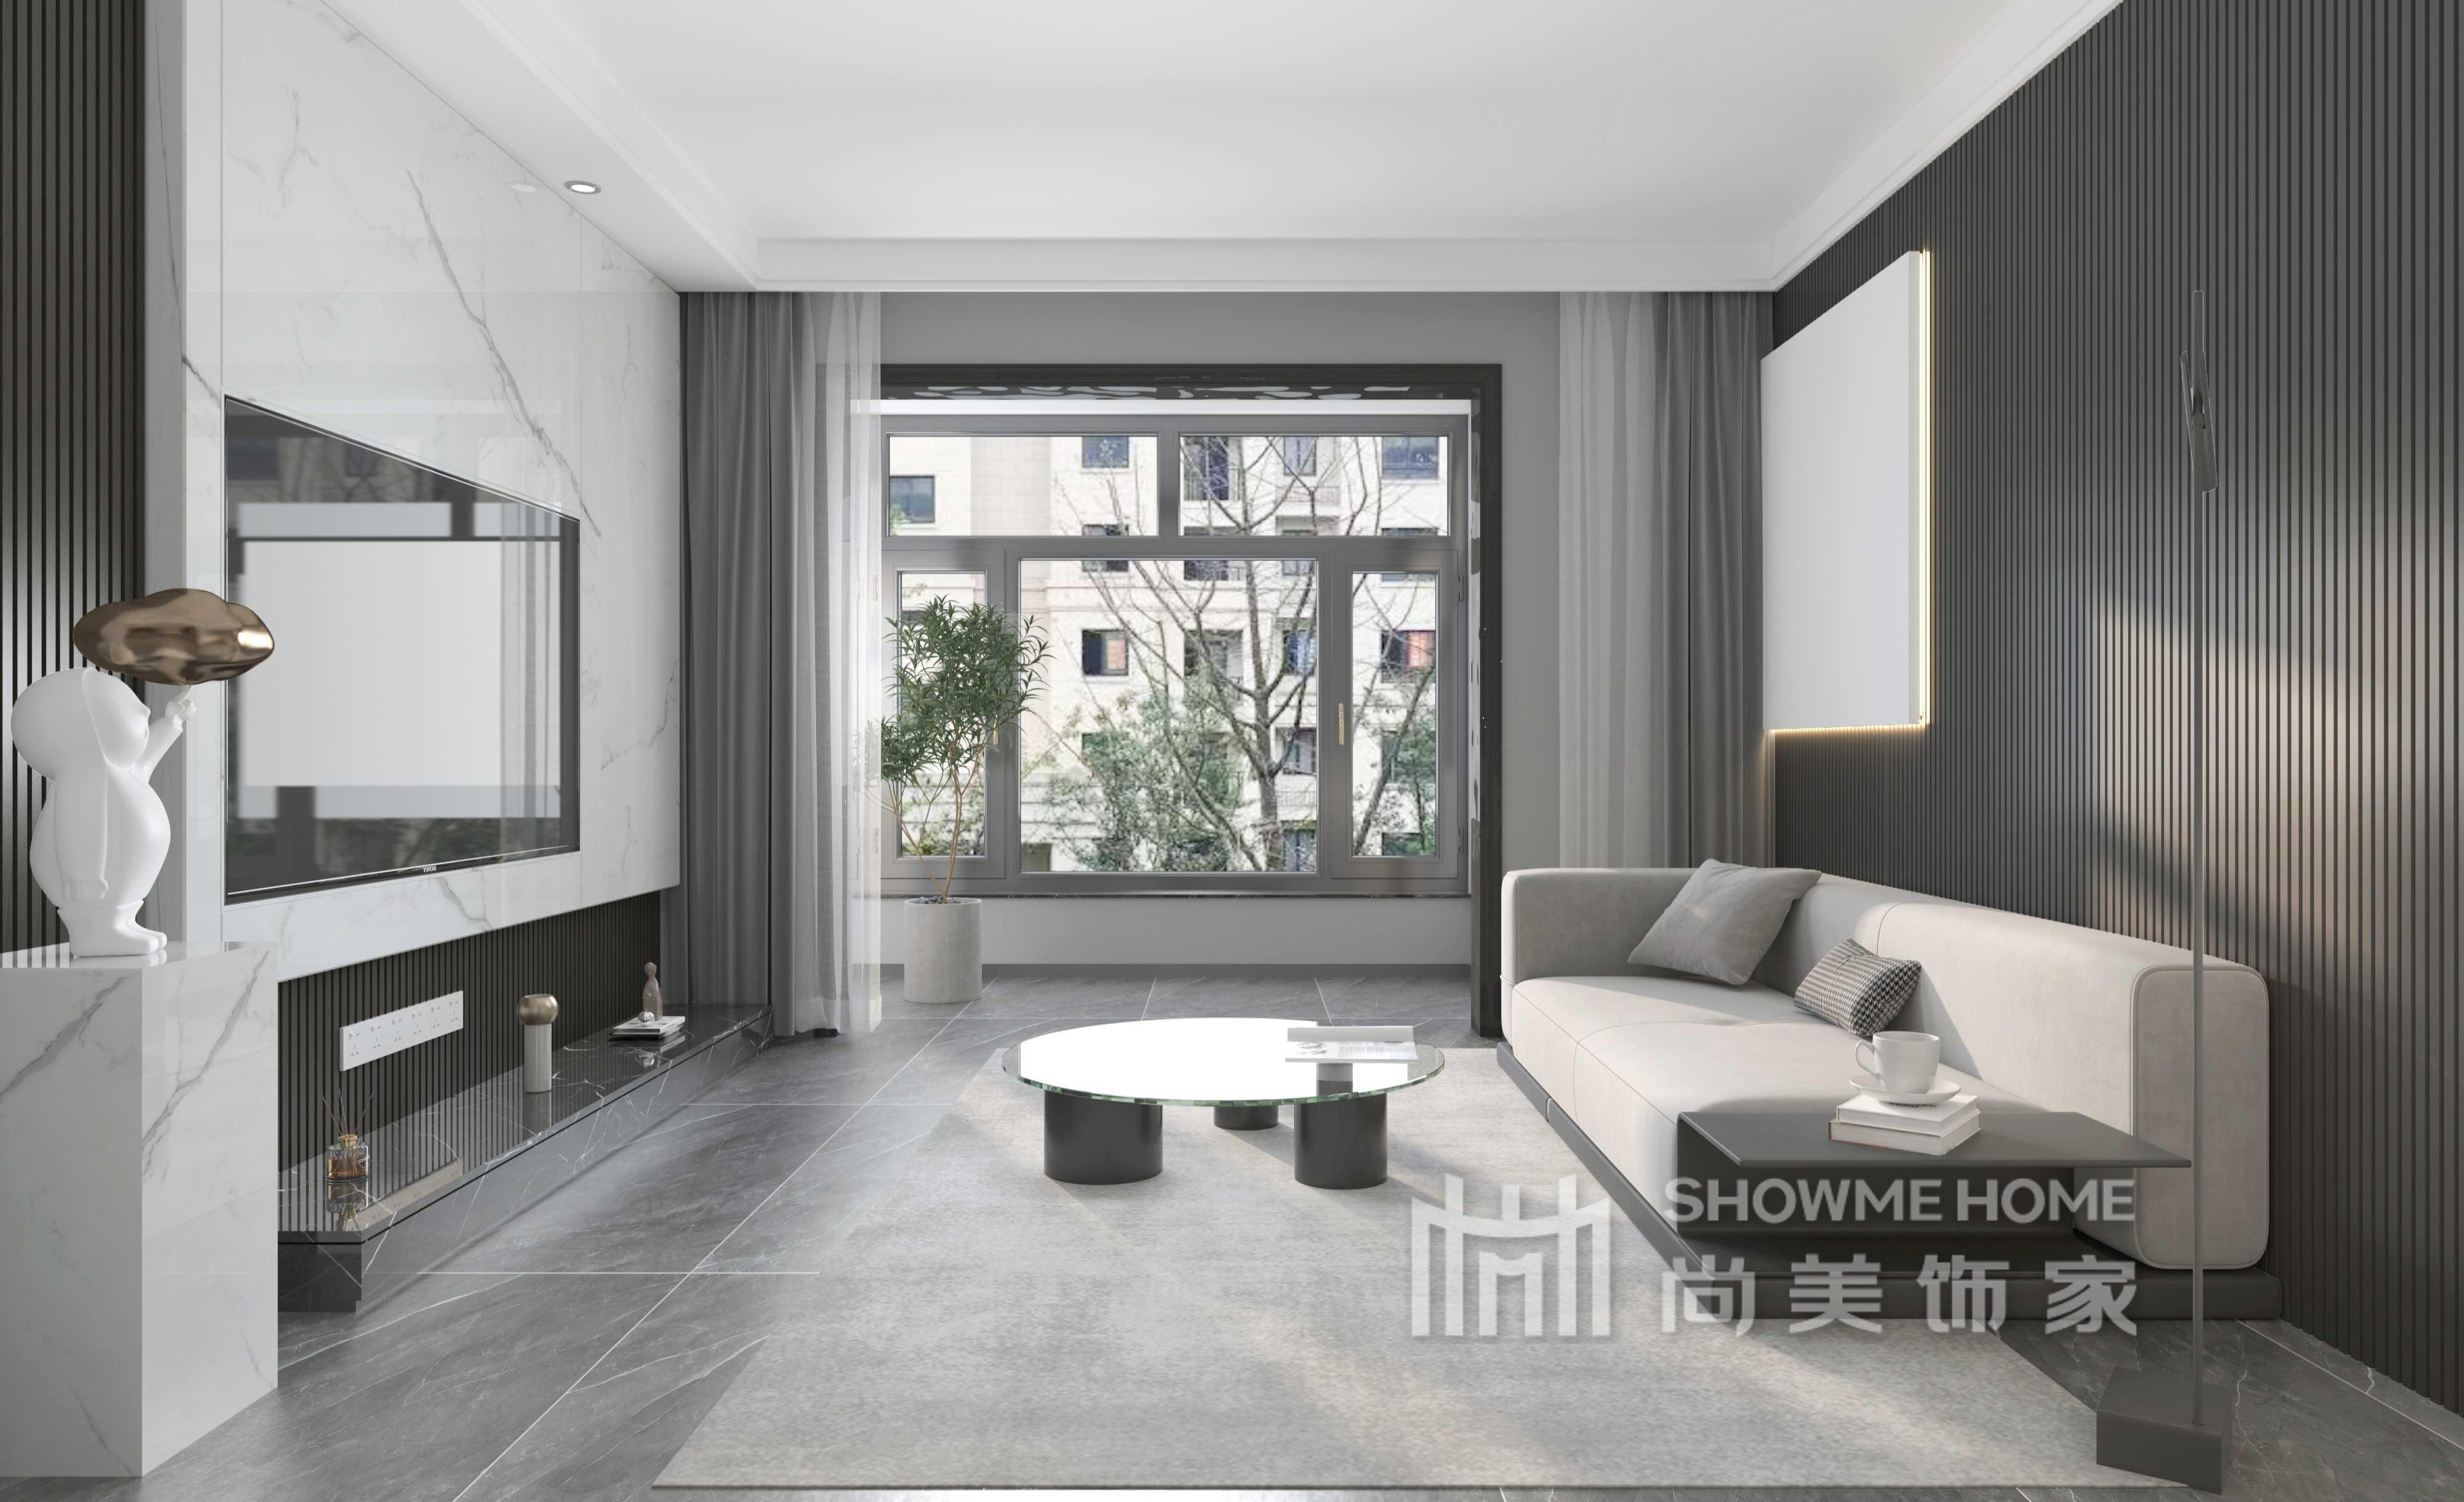 室内家装墙壁用壁纸还是壁布好?有哪些区别?